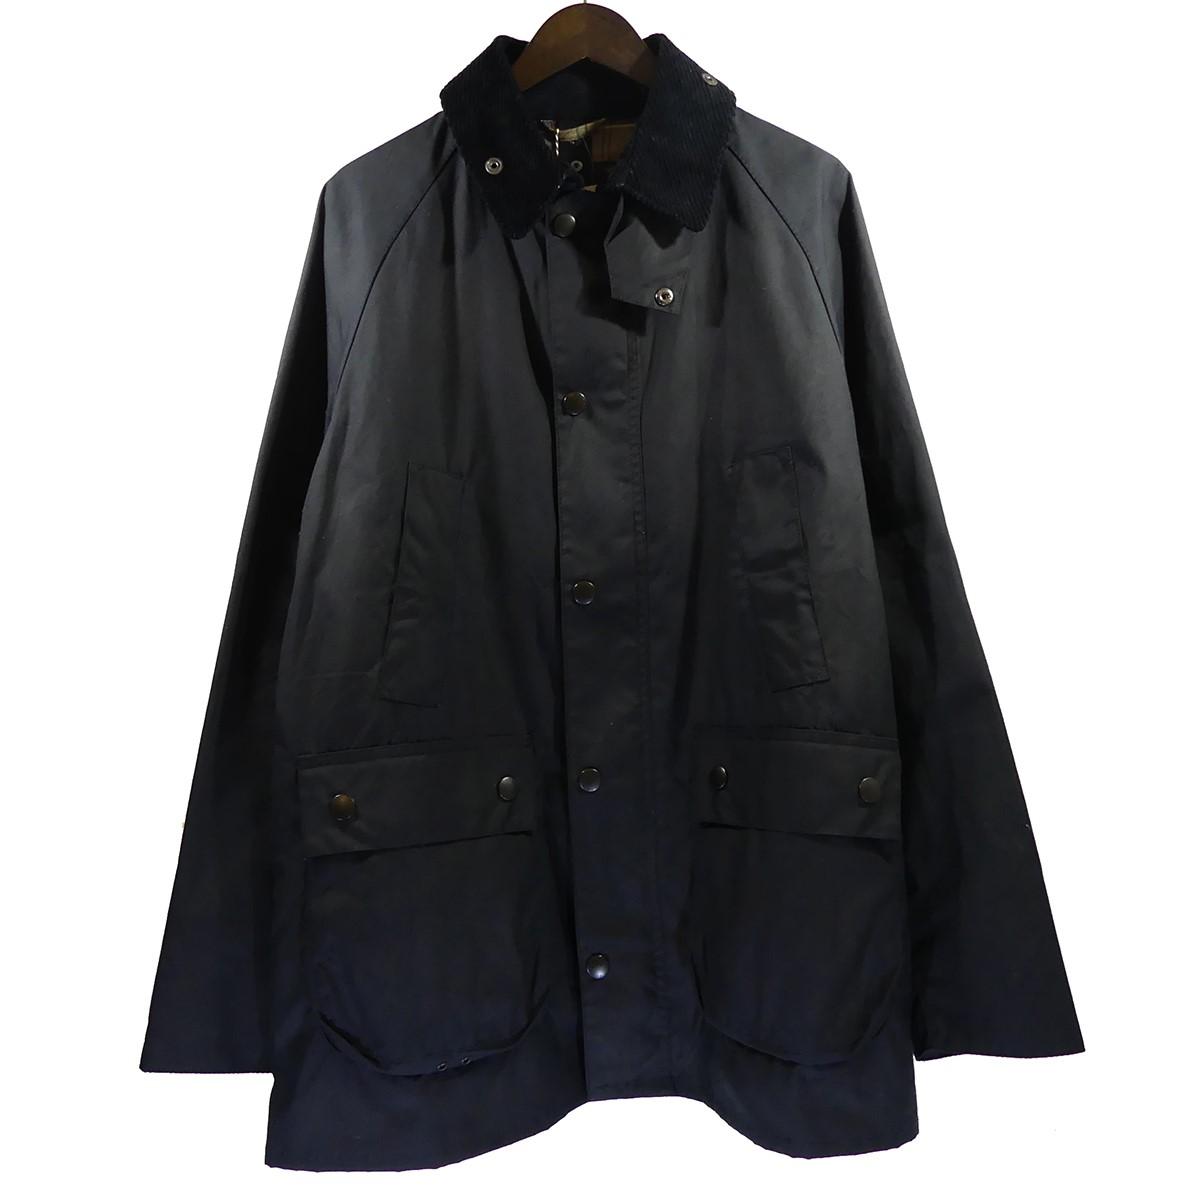 【中古】Barbour BEDALE SL スリムフィットビデイルジャケット ネイビー サイズ:40 【010520】(バブアー)